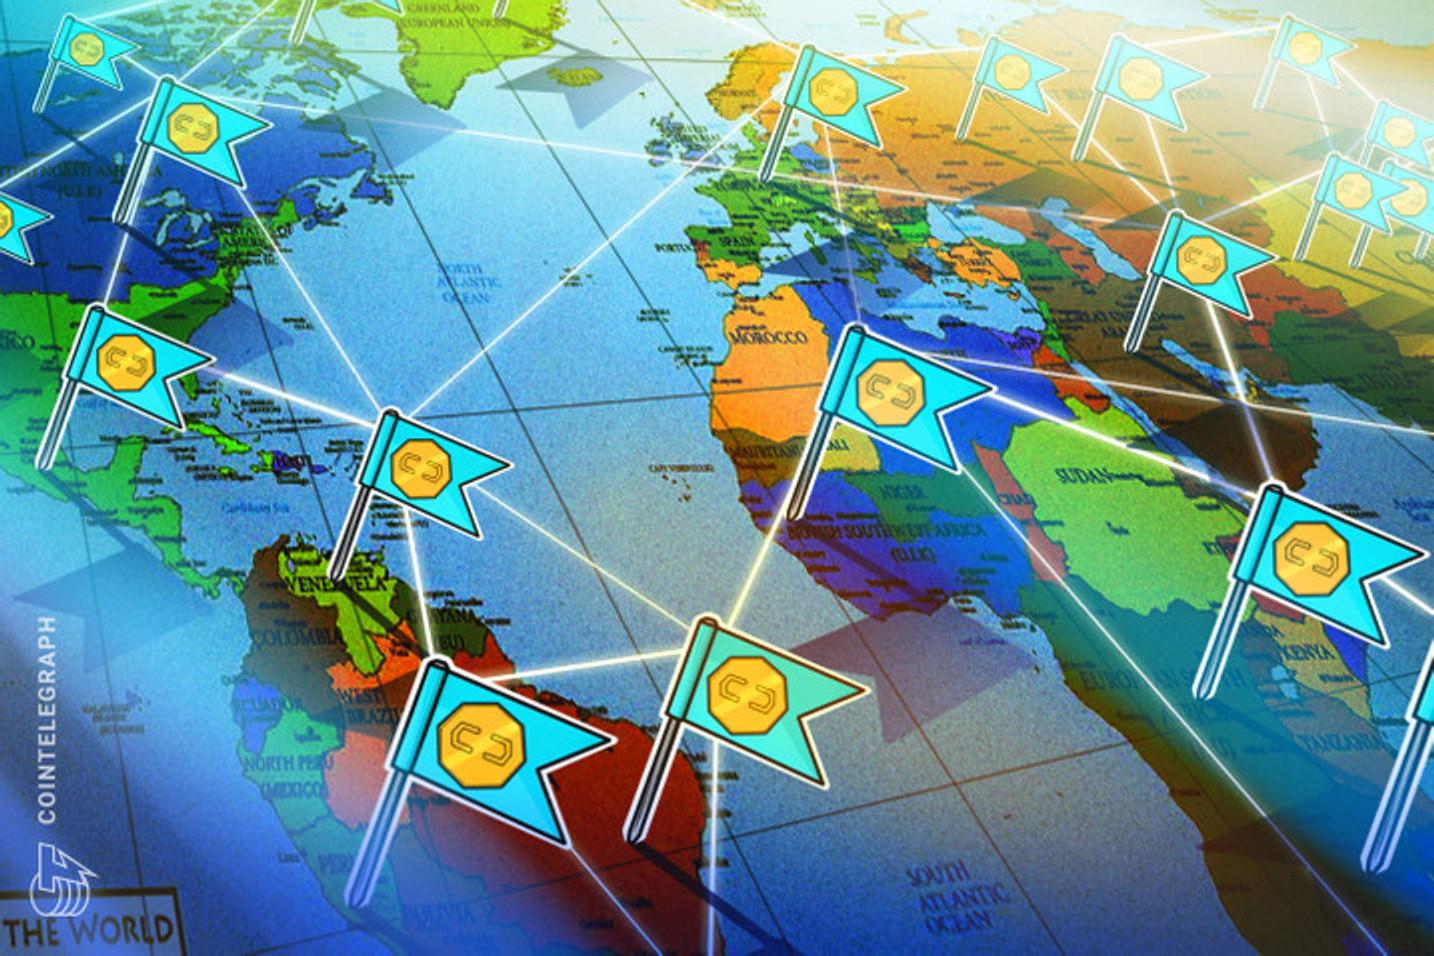 En un encuentro virtual analizarán cómo las criptomonedas ayudan al envío internacional de dinero